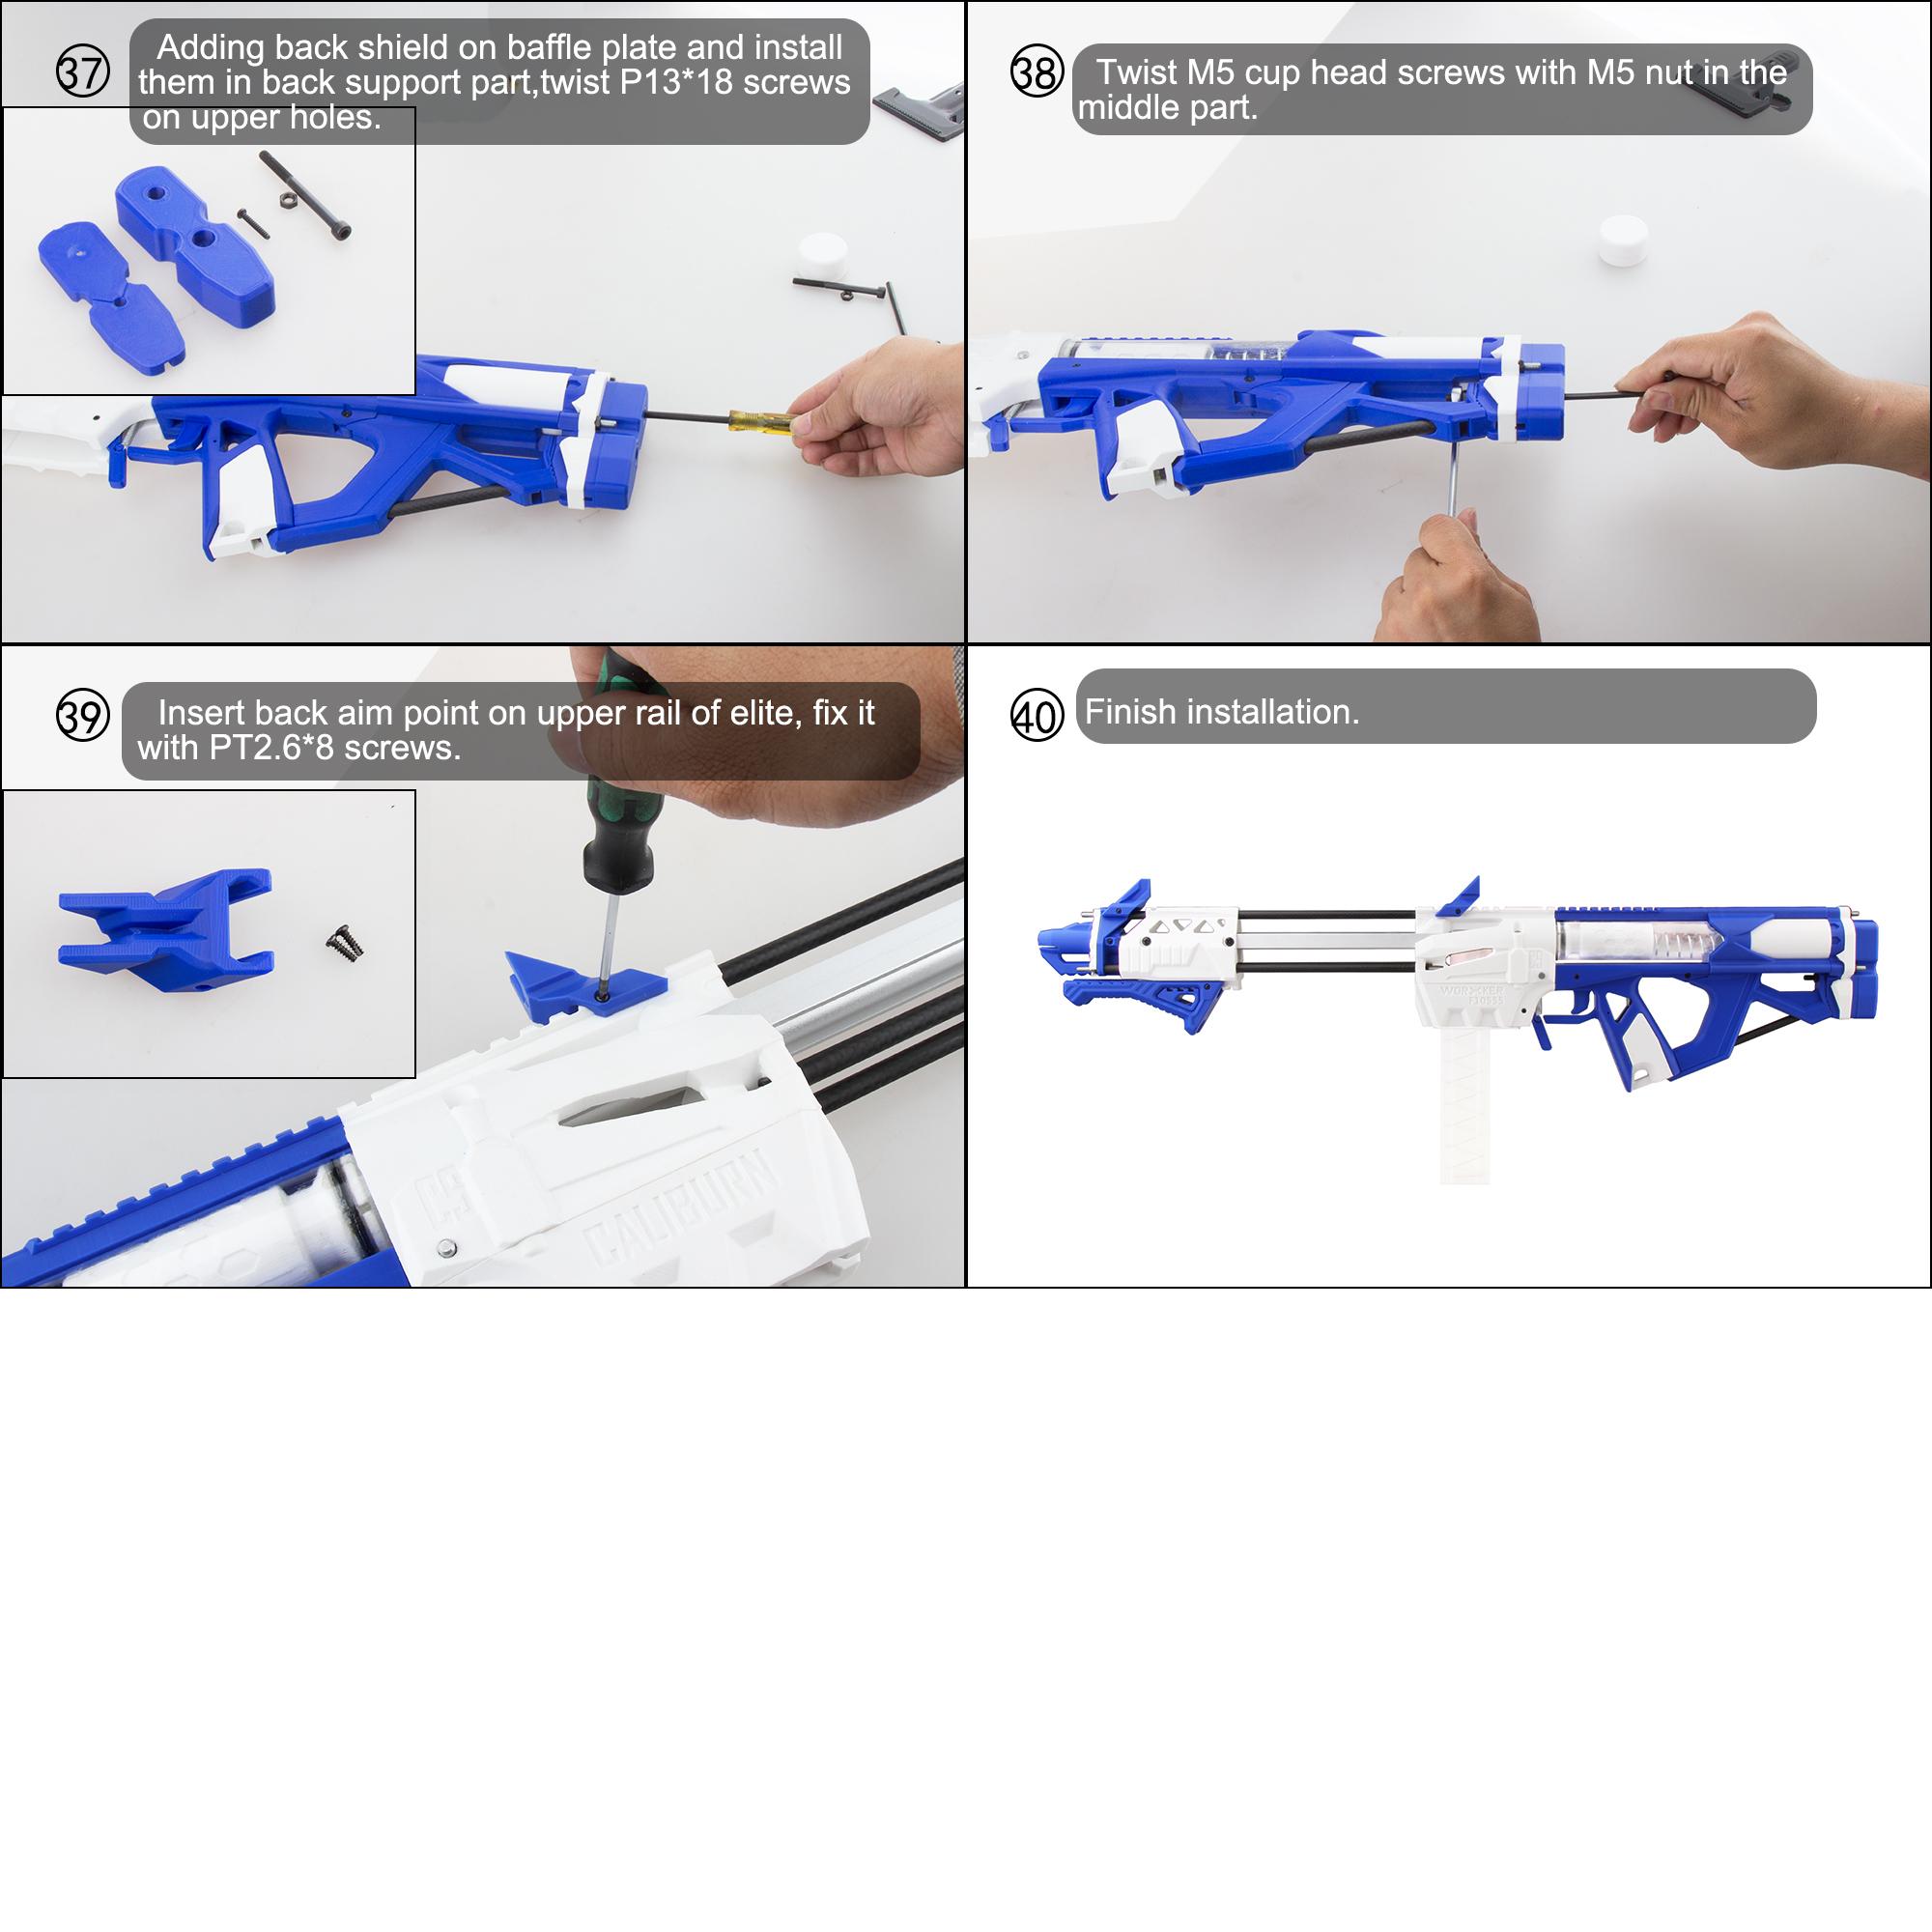 Worker Caliburn 3D Printed Nerf Blaster Kit v1.1 assembly 7